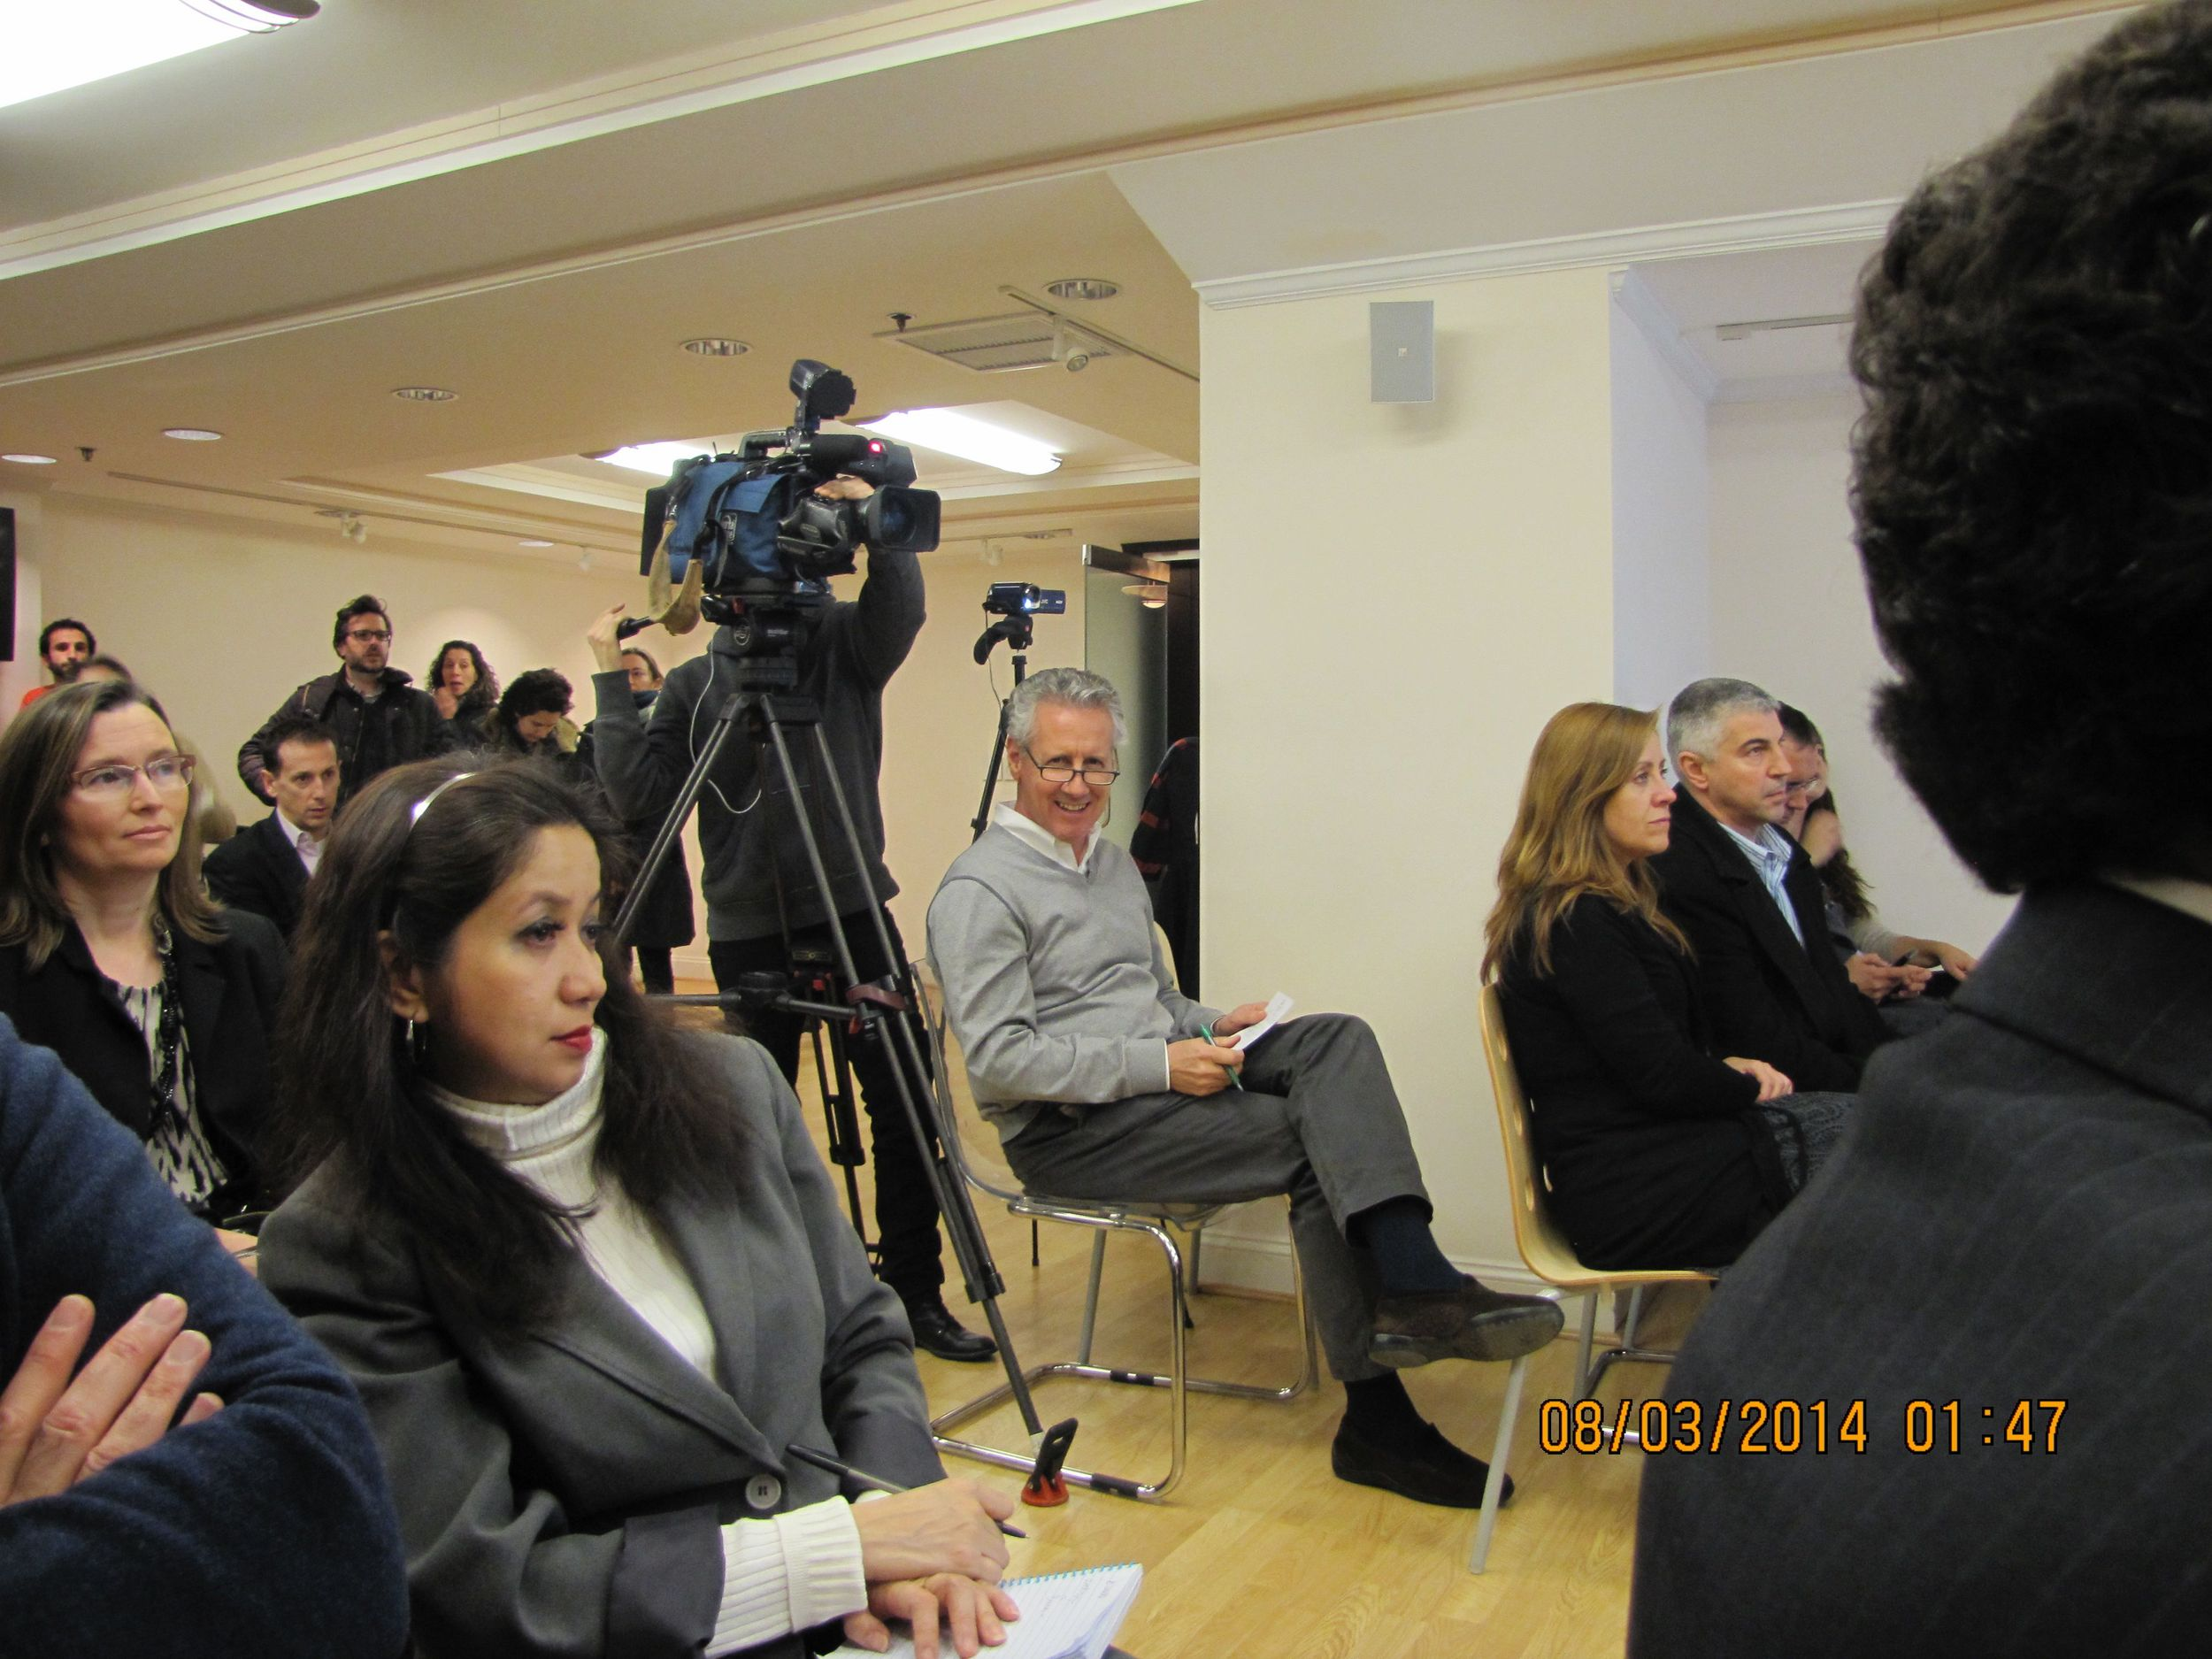 Lorenzo Milá de RTVE cubriendo el evento.